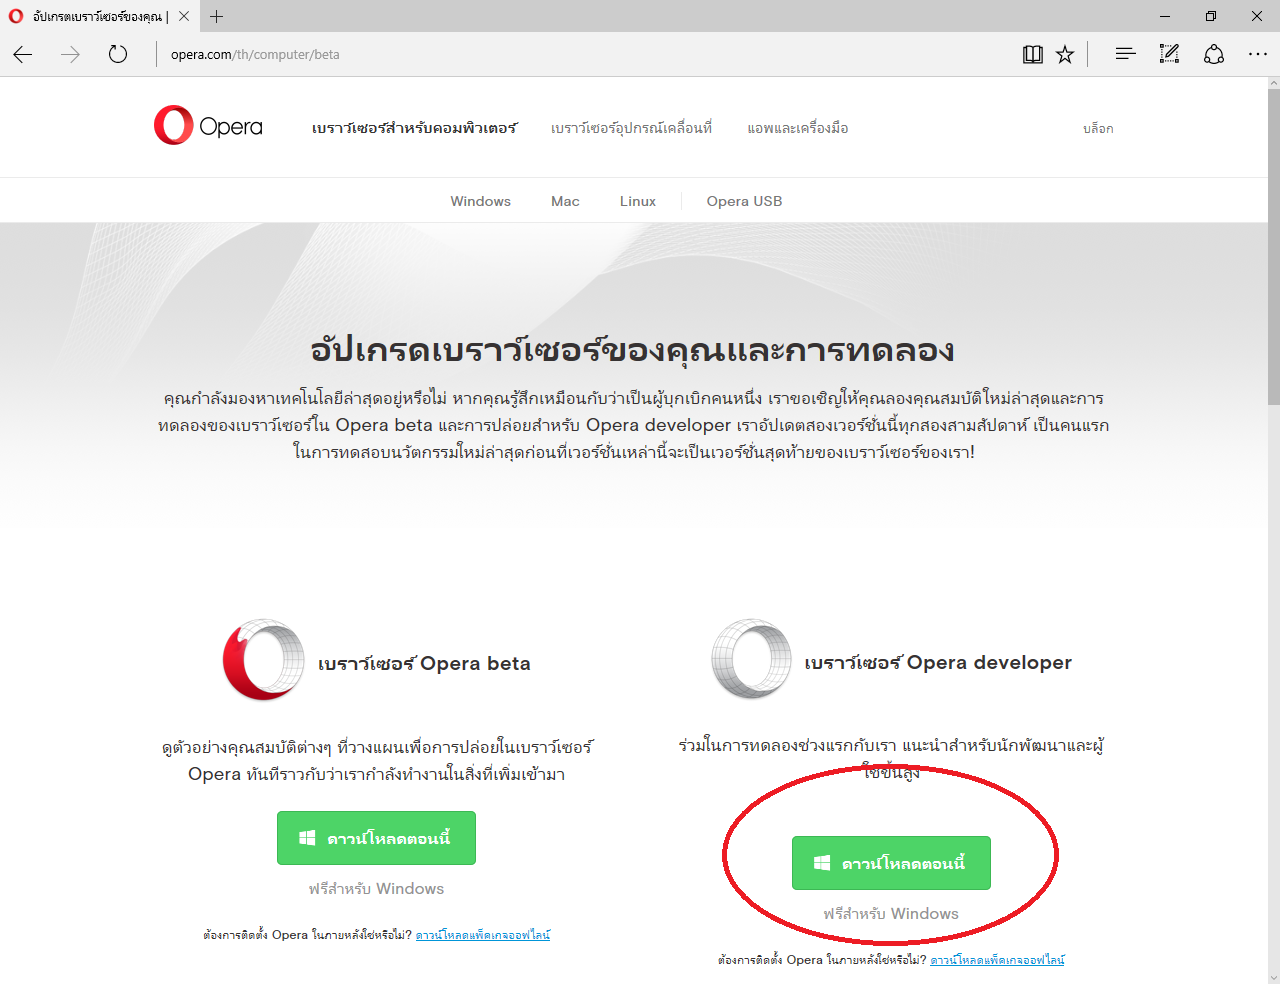 ดาวน์โหลดซอฟแวร์  เบราว์เซอร์ Opera developer